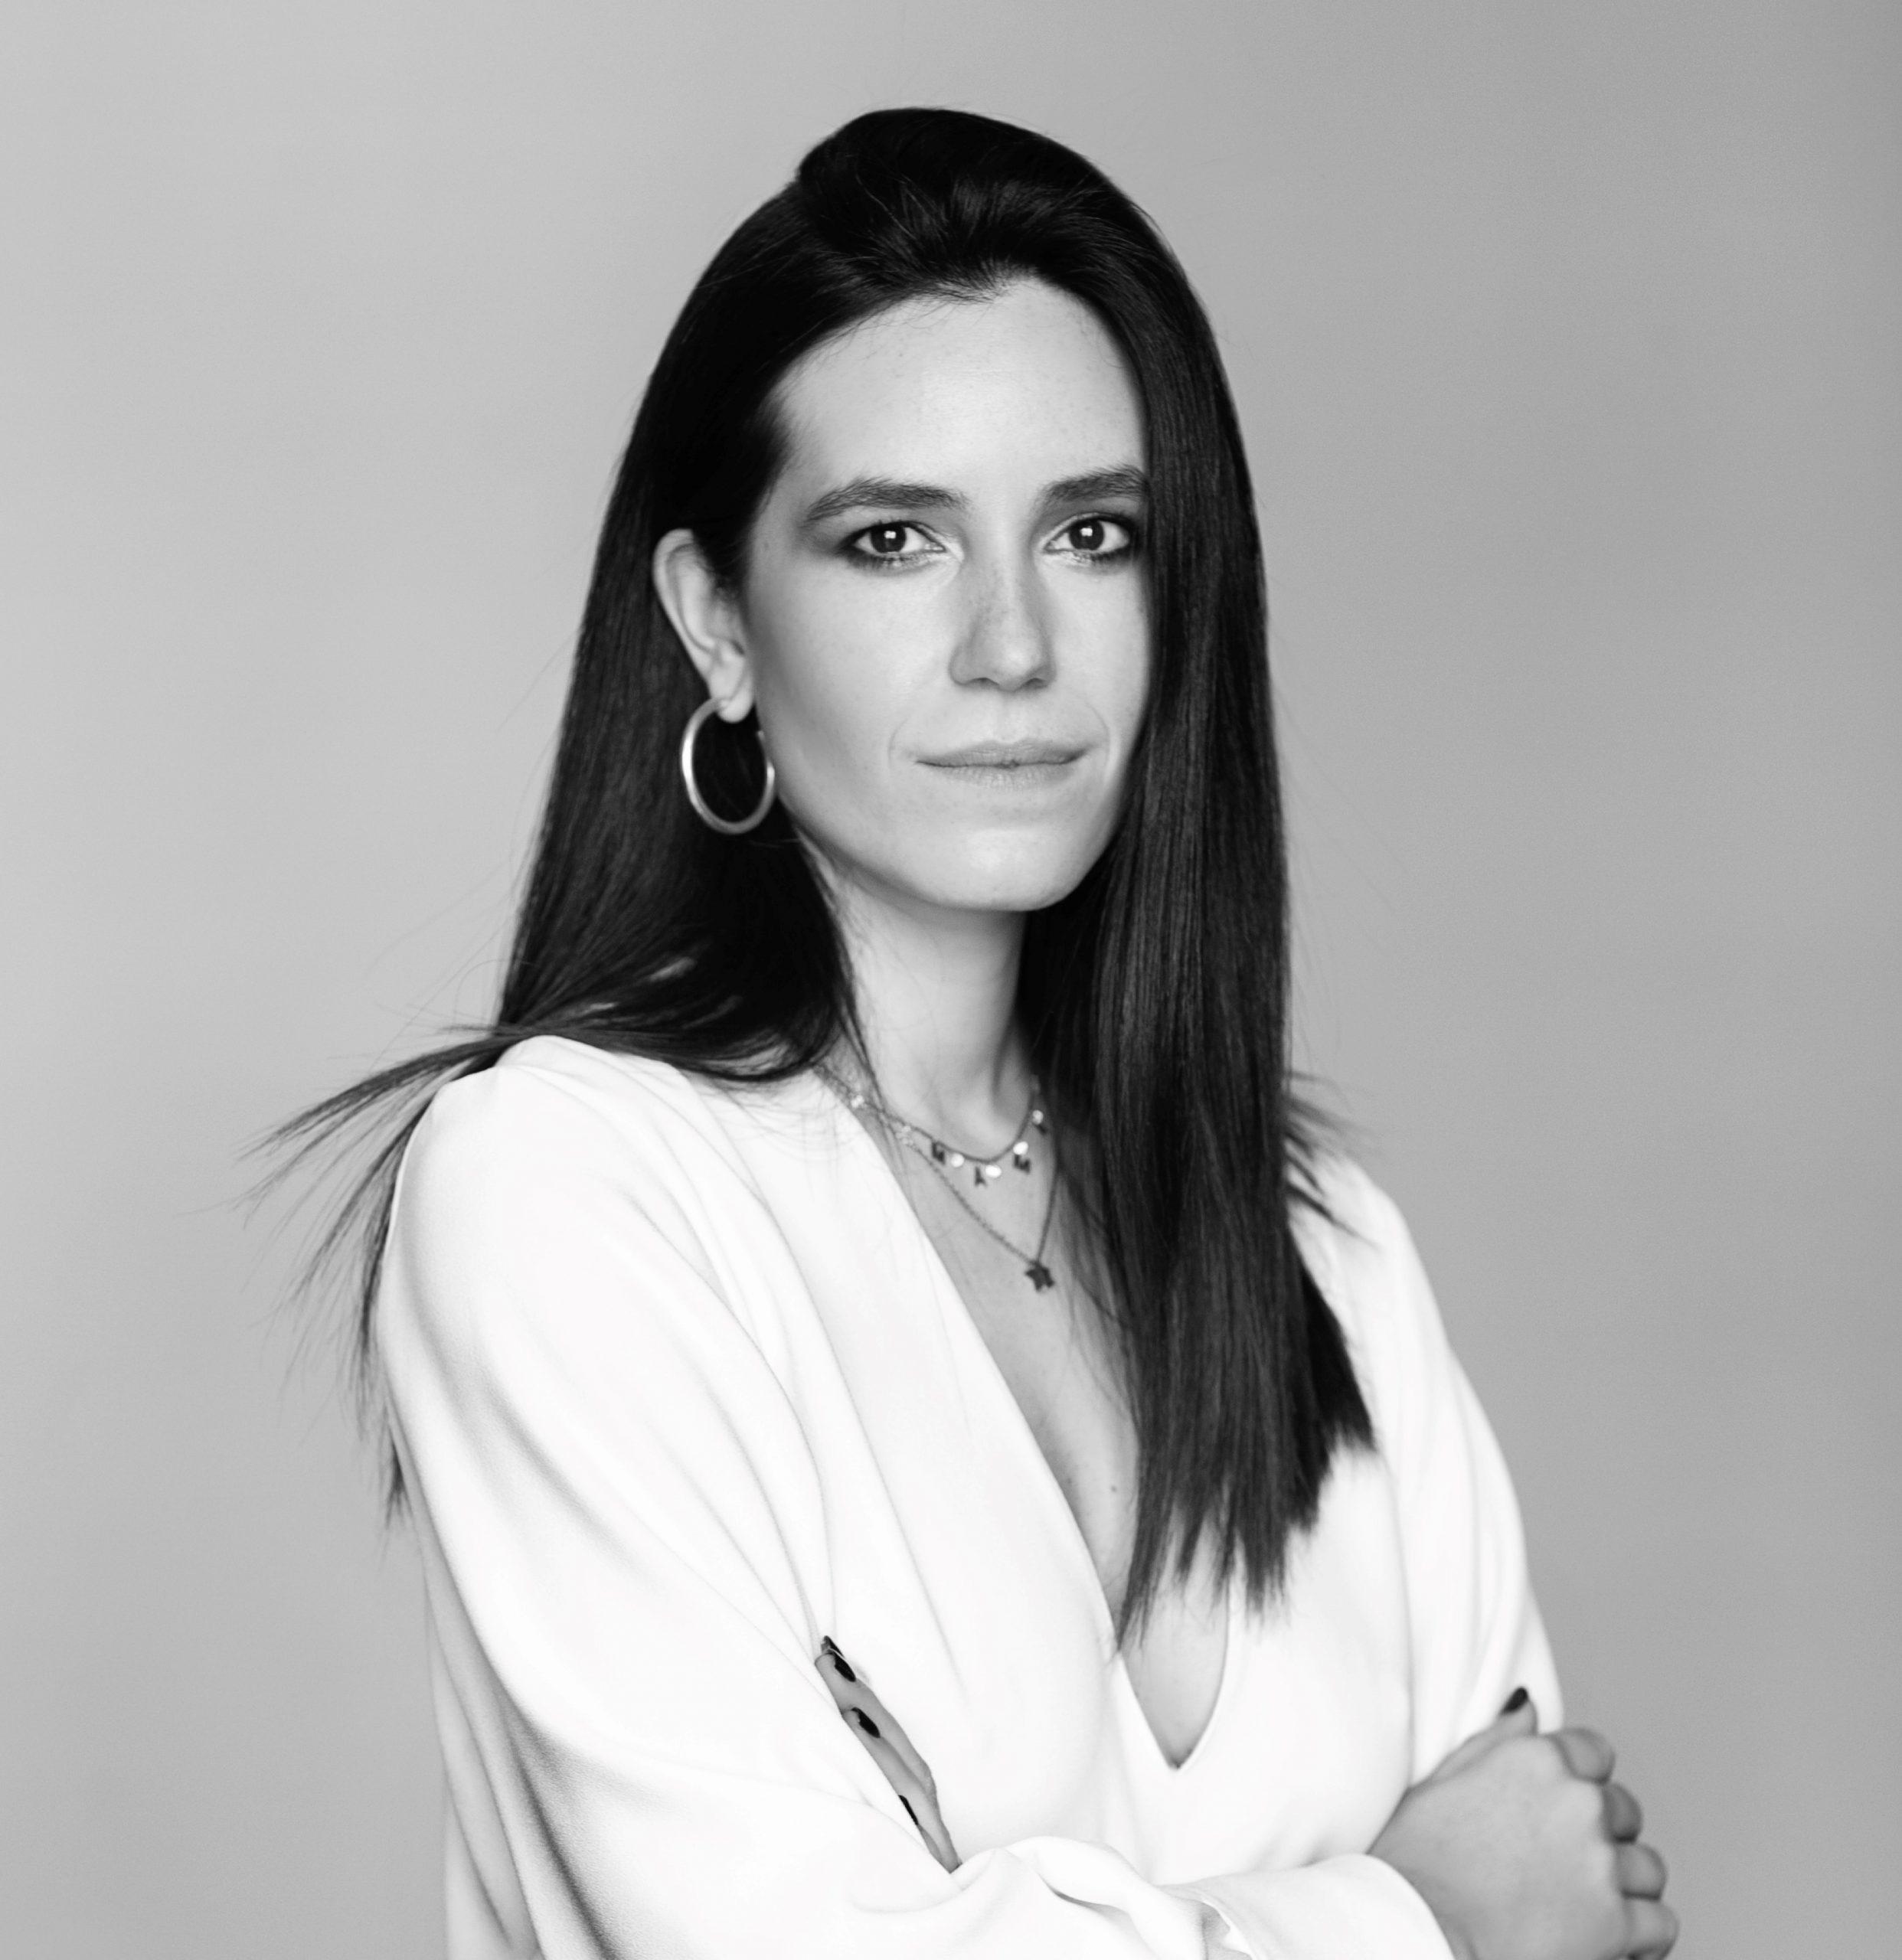 Μαρία Νεφέλη Χατζηιωαννίδου